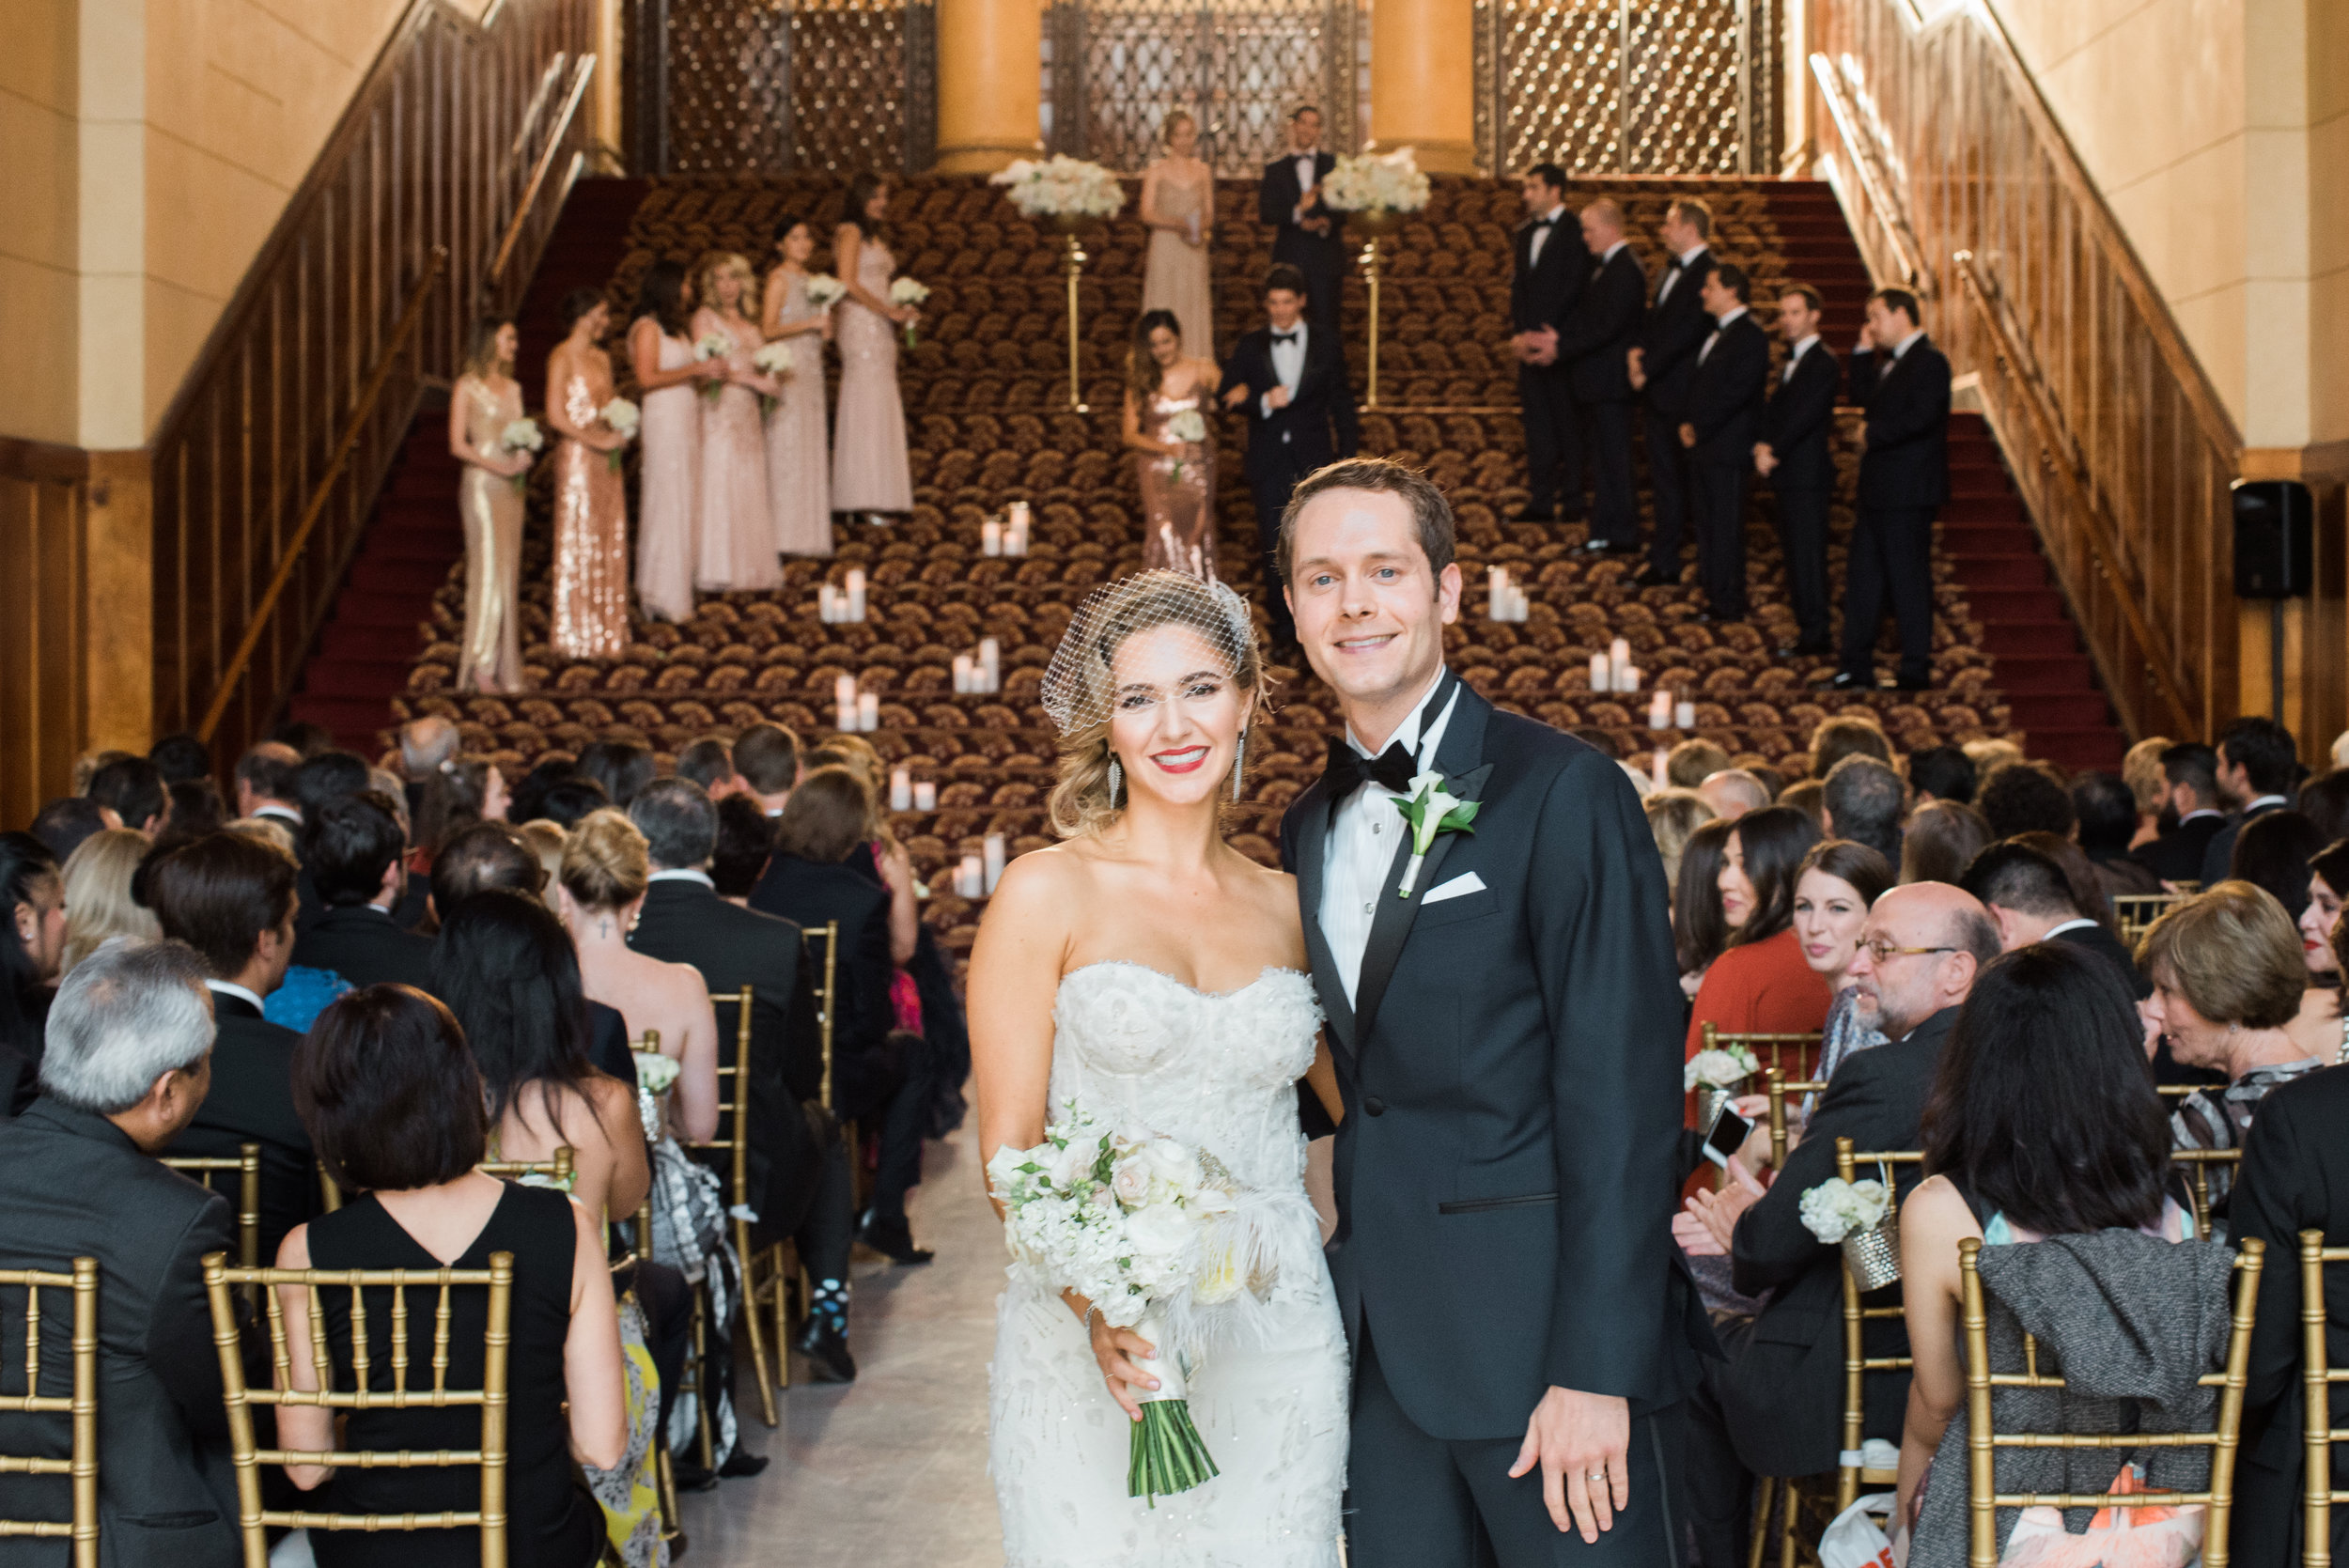 wedding_photographer_greg_ross-CER-114.jpg